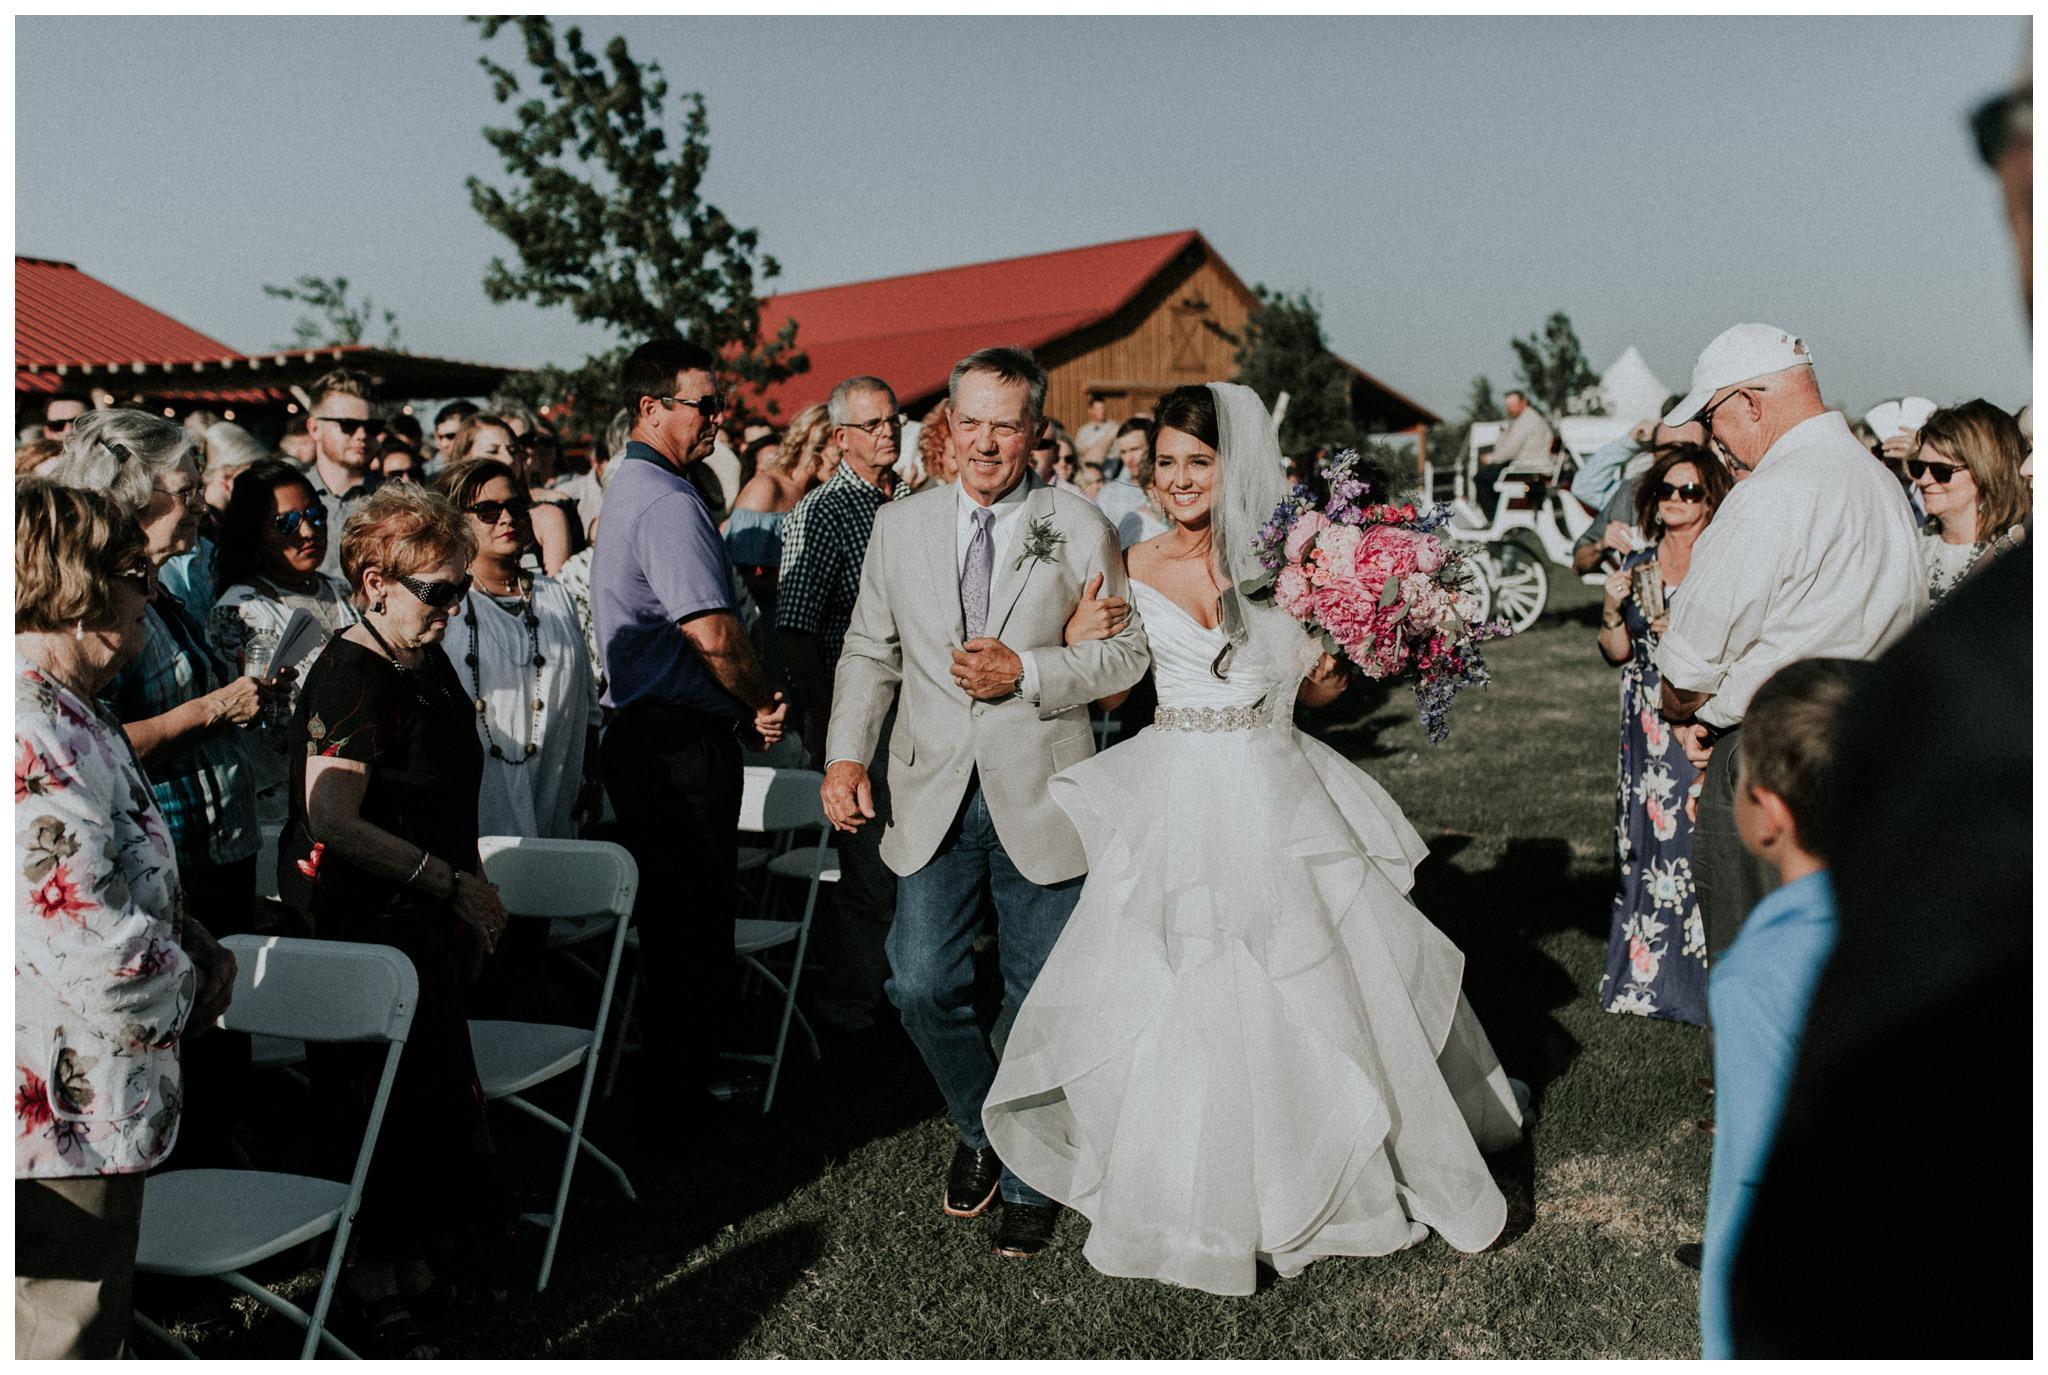 Whimsical Ranch West Texas Wedding - DIY Farm Wedding-8413.jpg